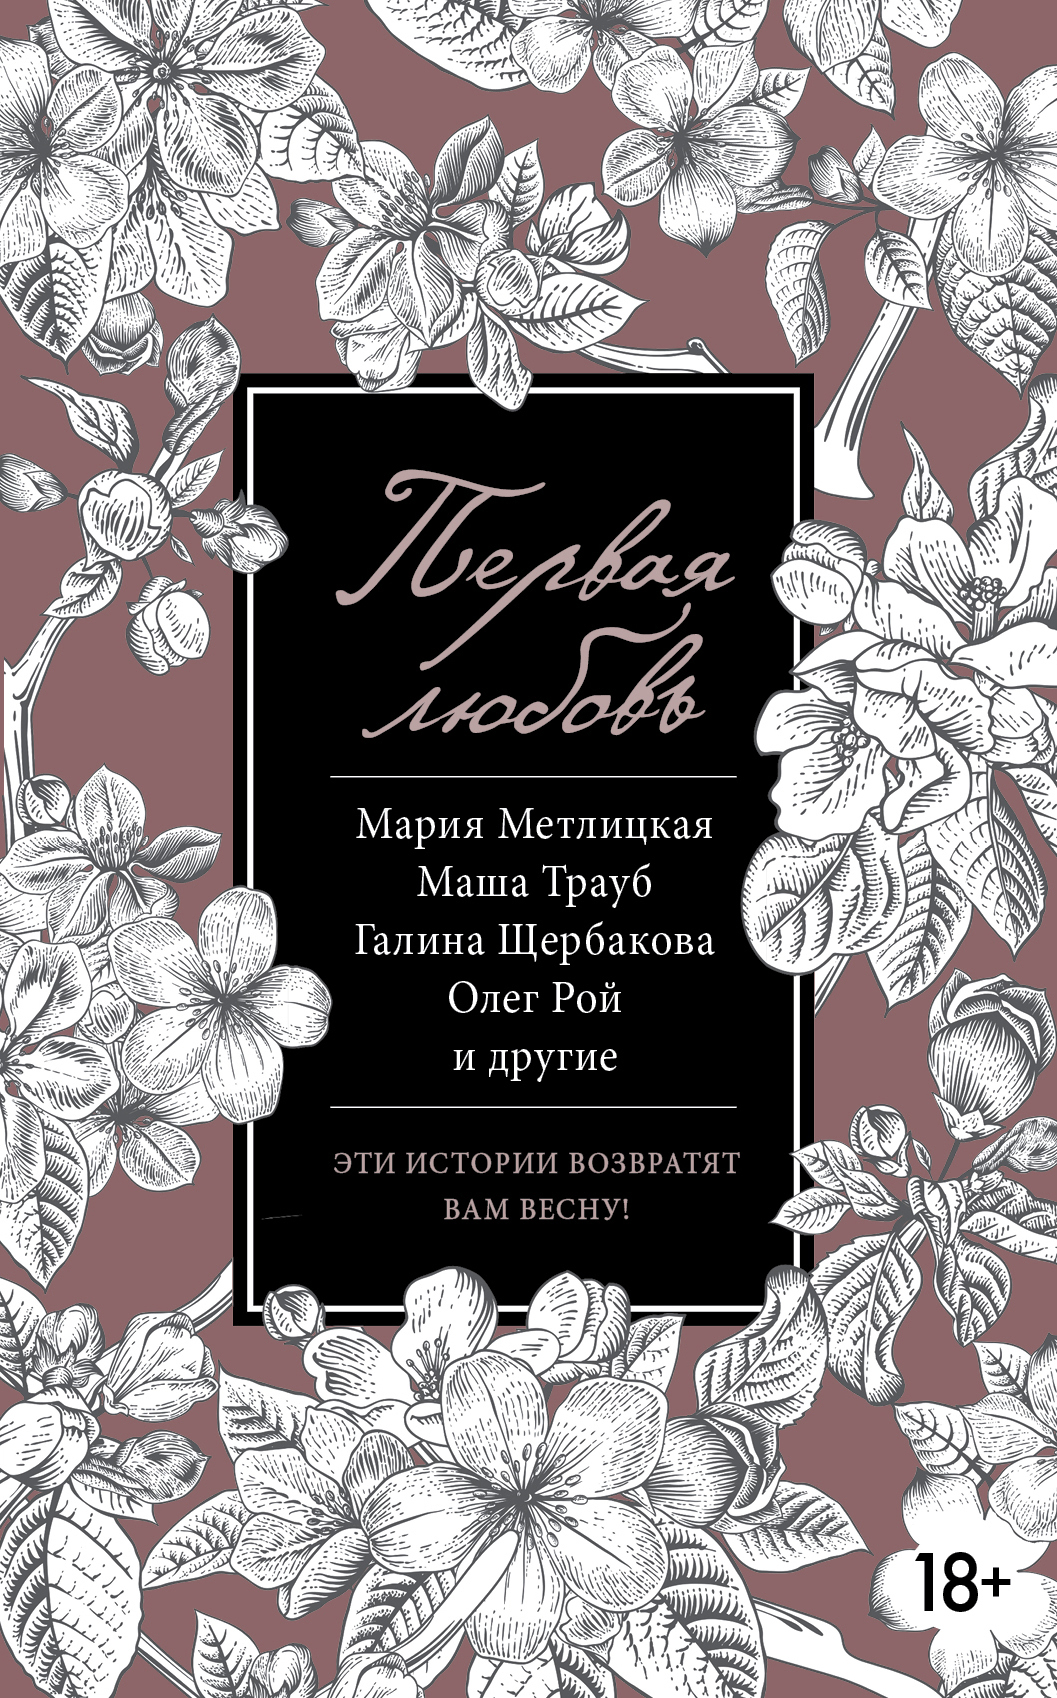 Андрей Геласимов Первая любовь (сборник)